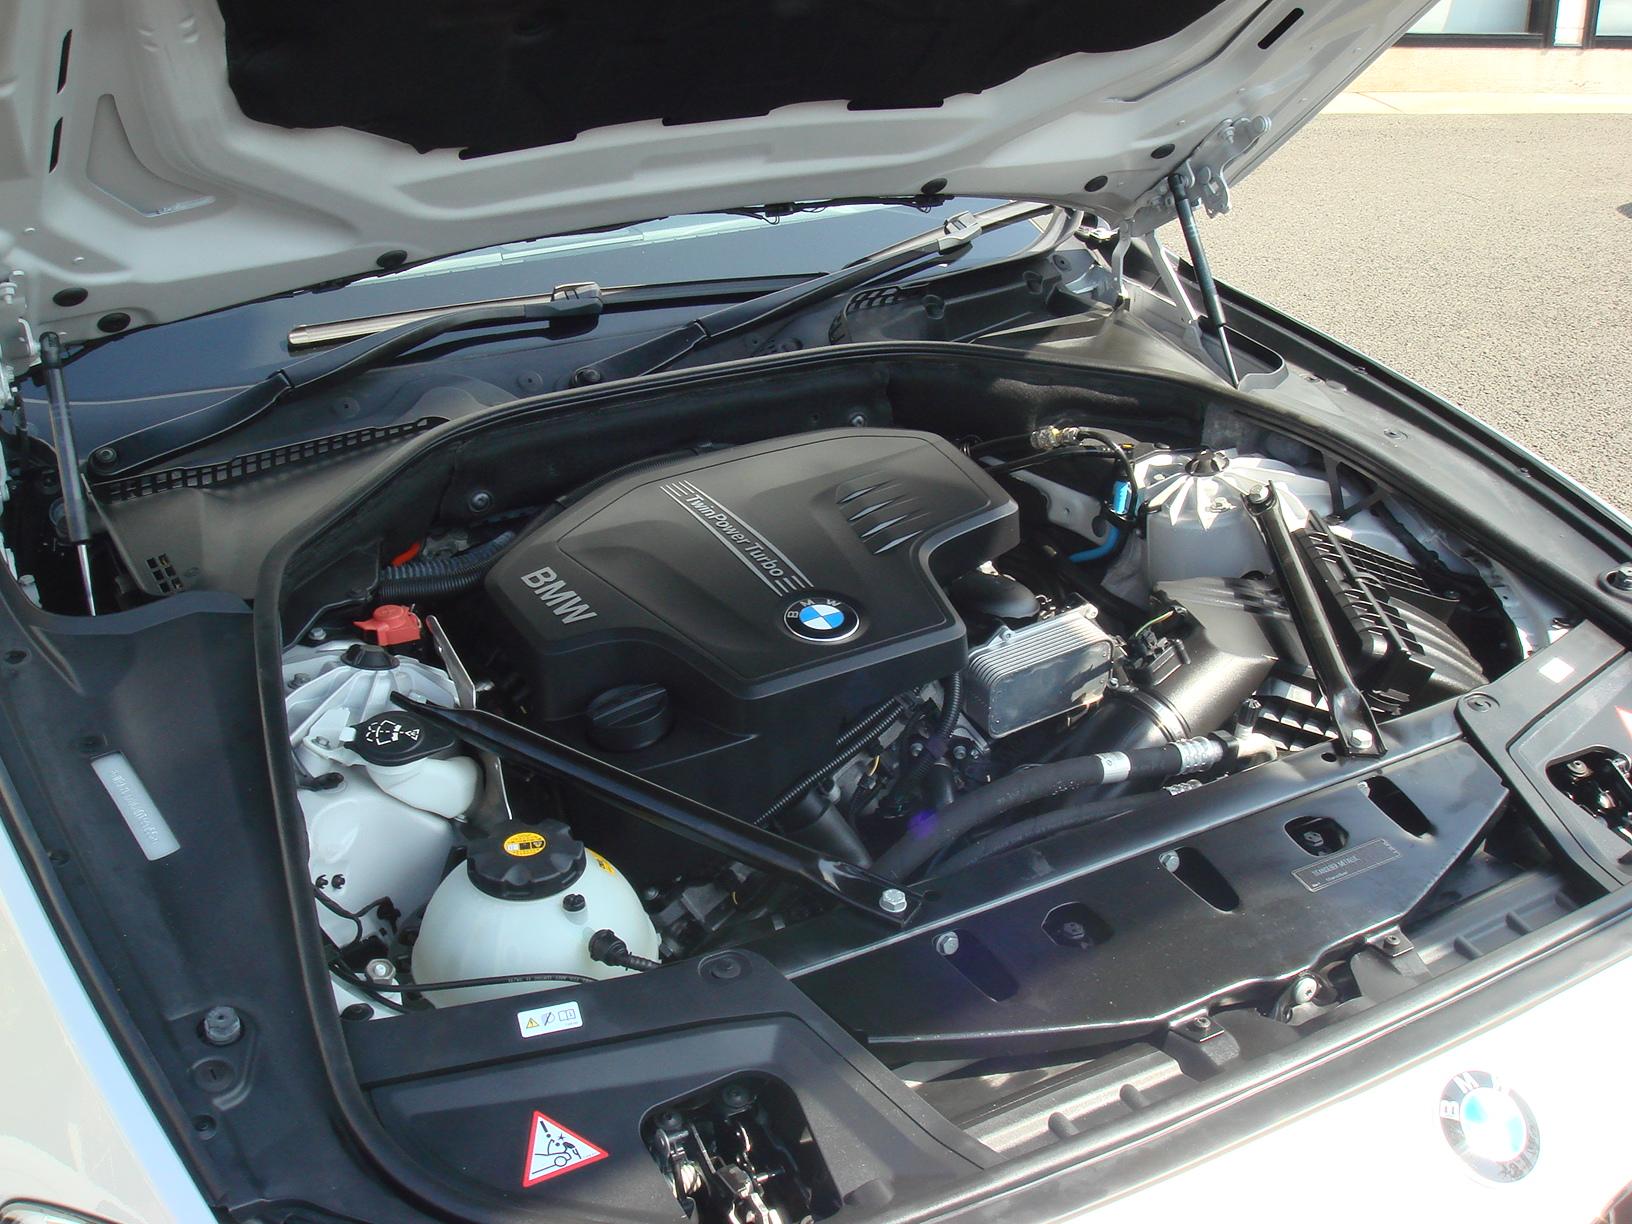 523iツーリング ハイライン MKモータースポーツコンプリート車両画像09